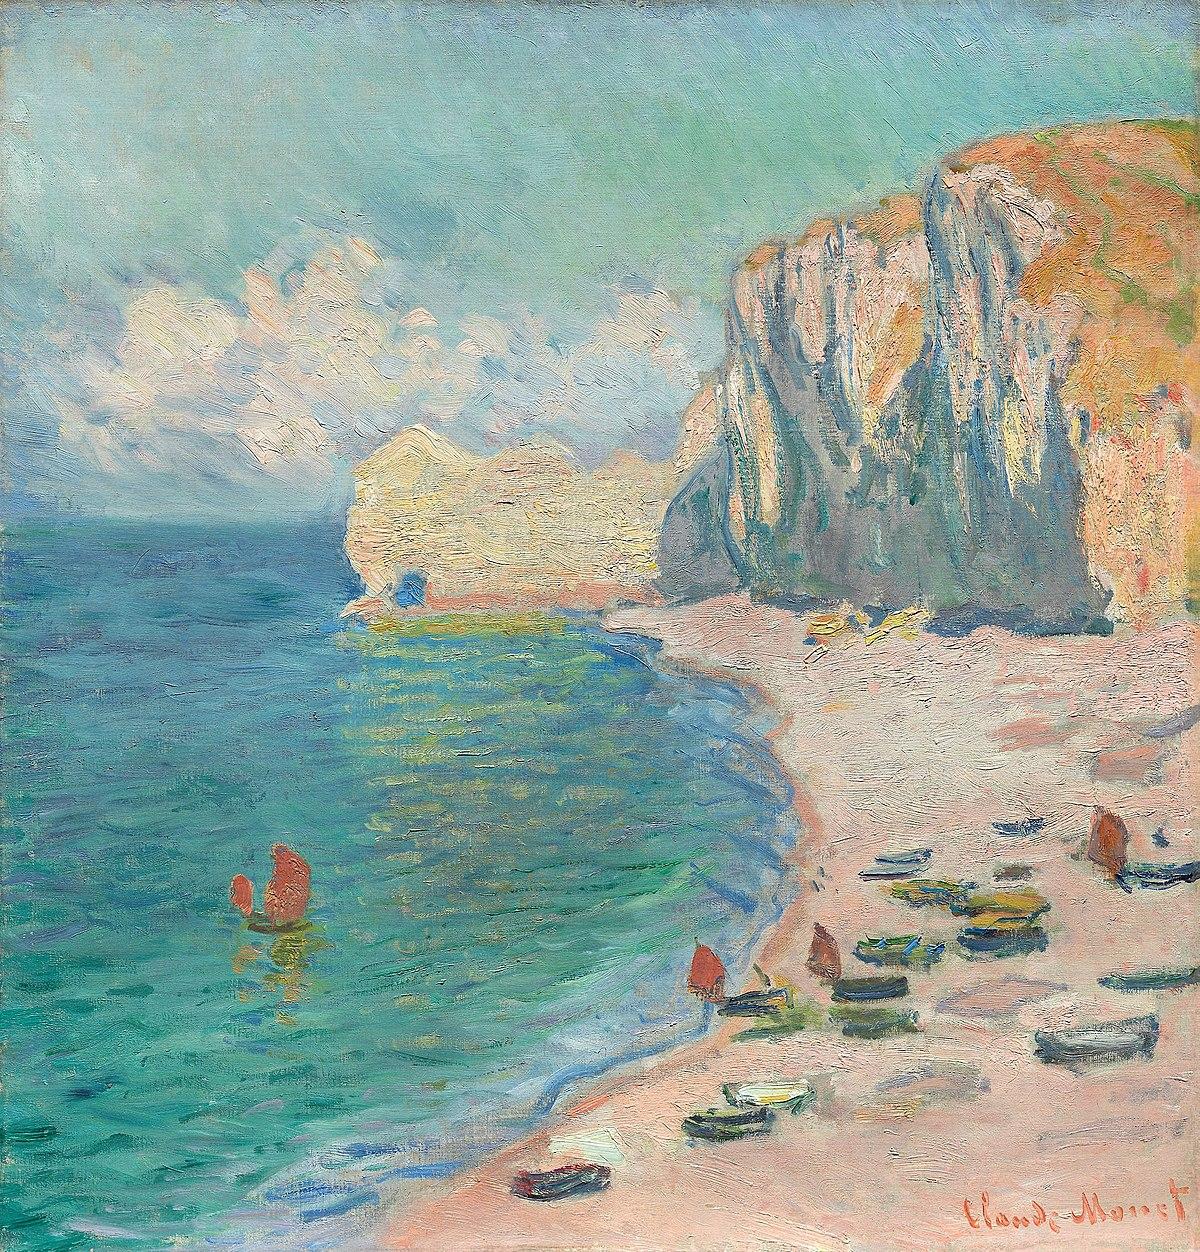 Monet - The Beach